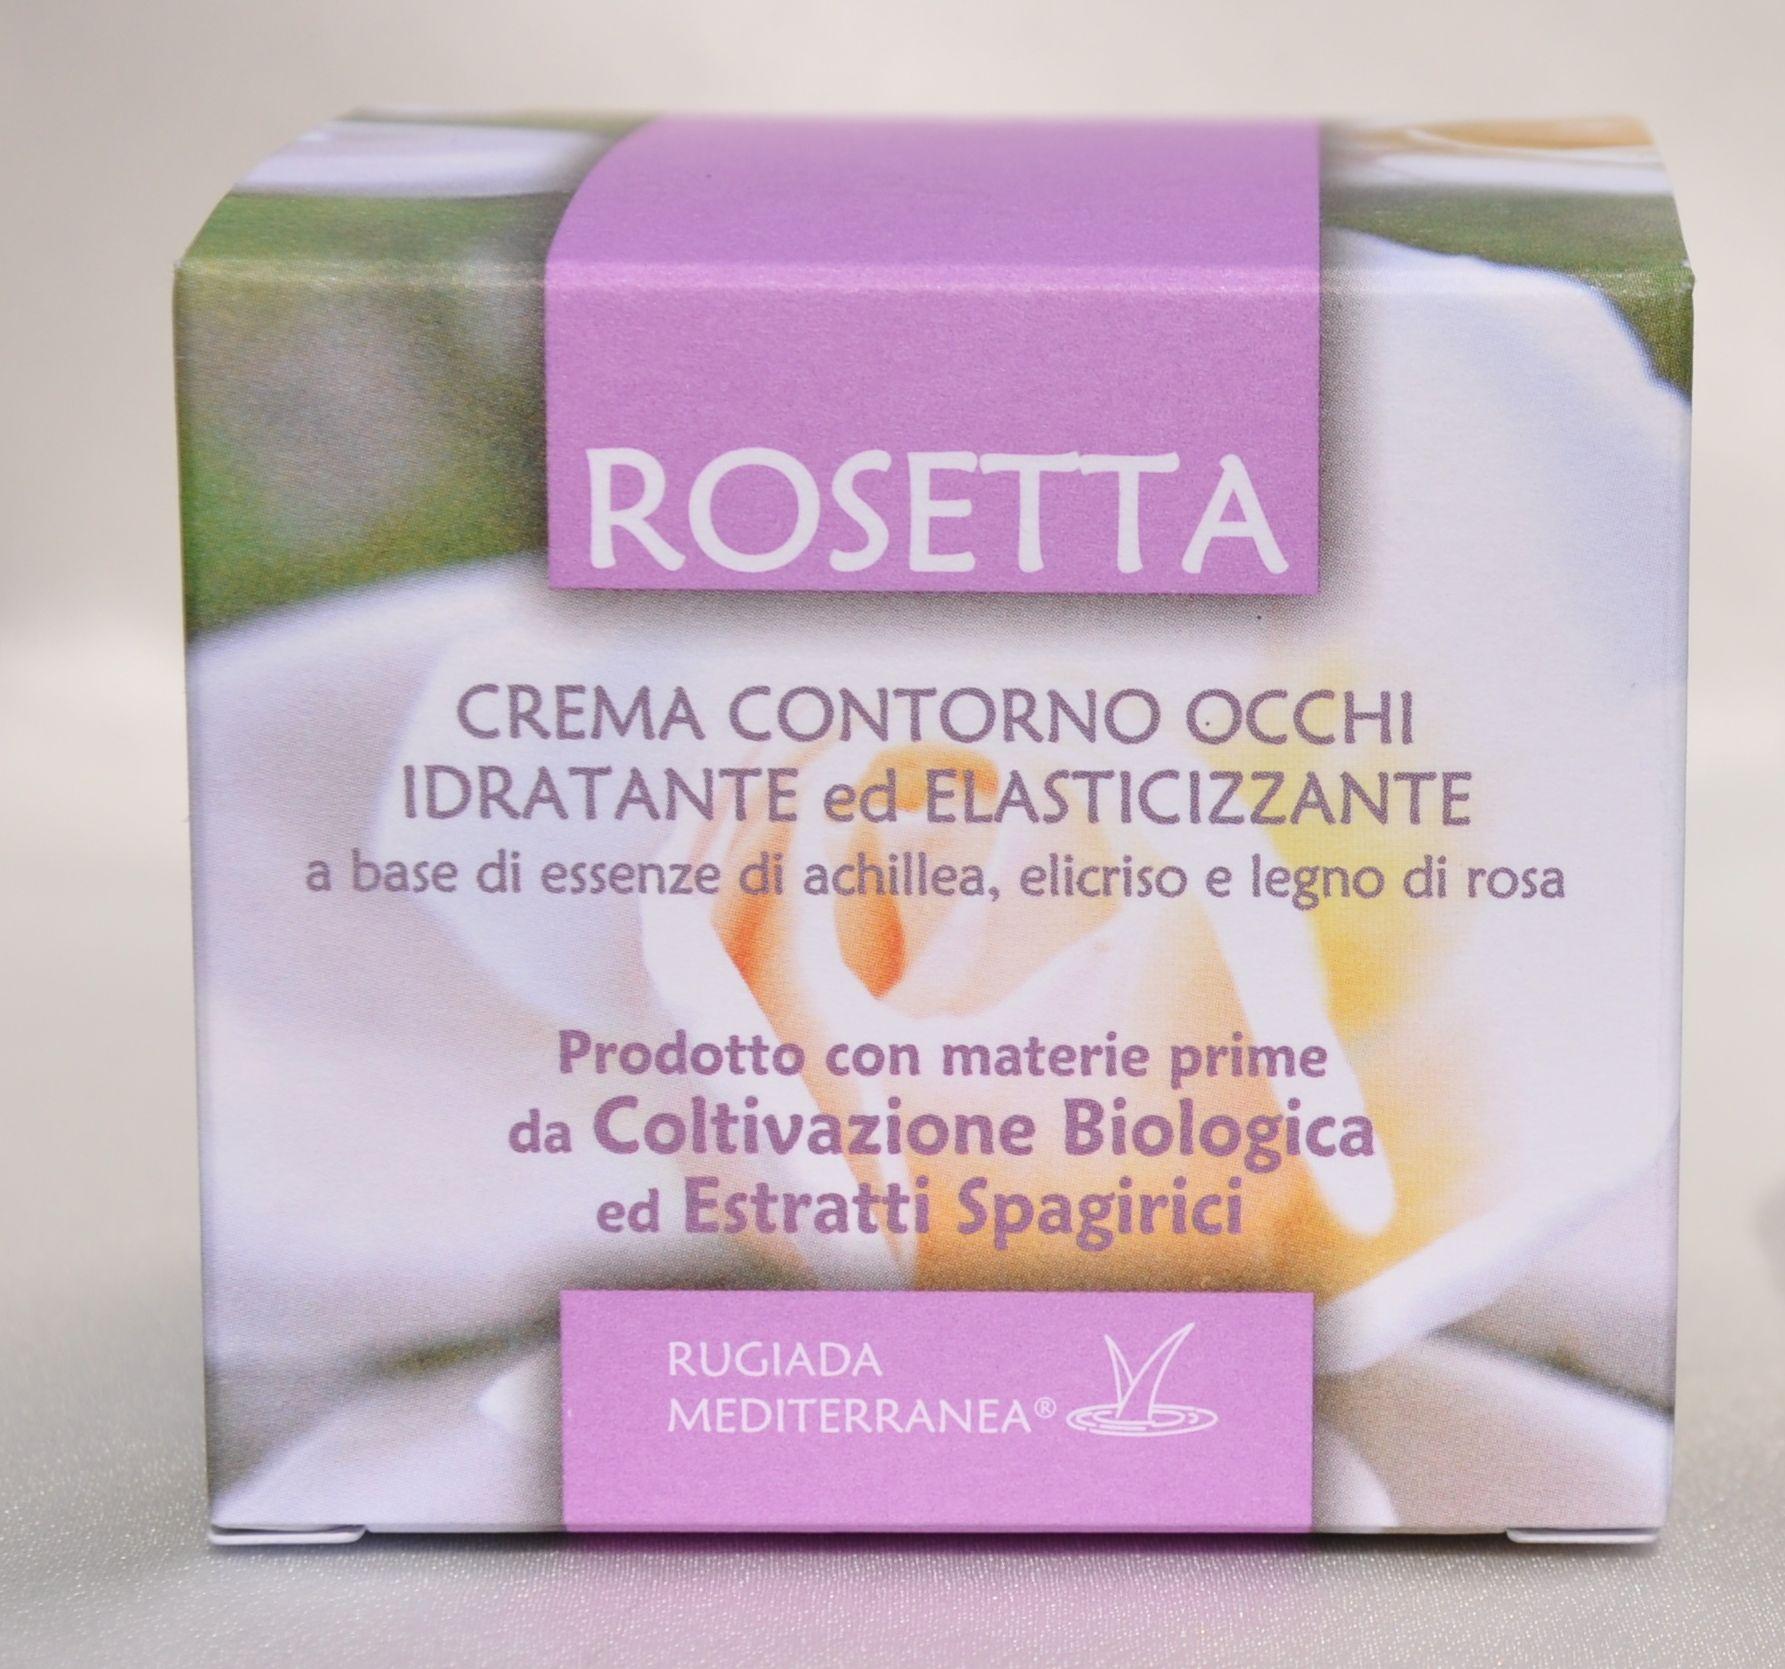 Rugiada Mediterranea - Rosetta, crema contorno occhi idratante ed elasticizzante